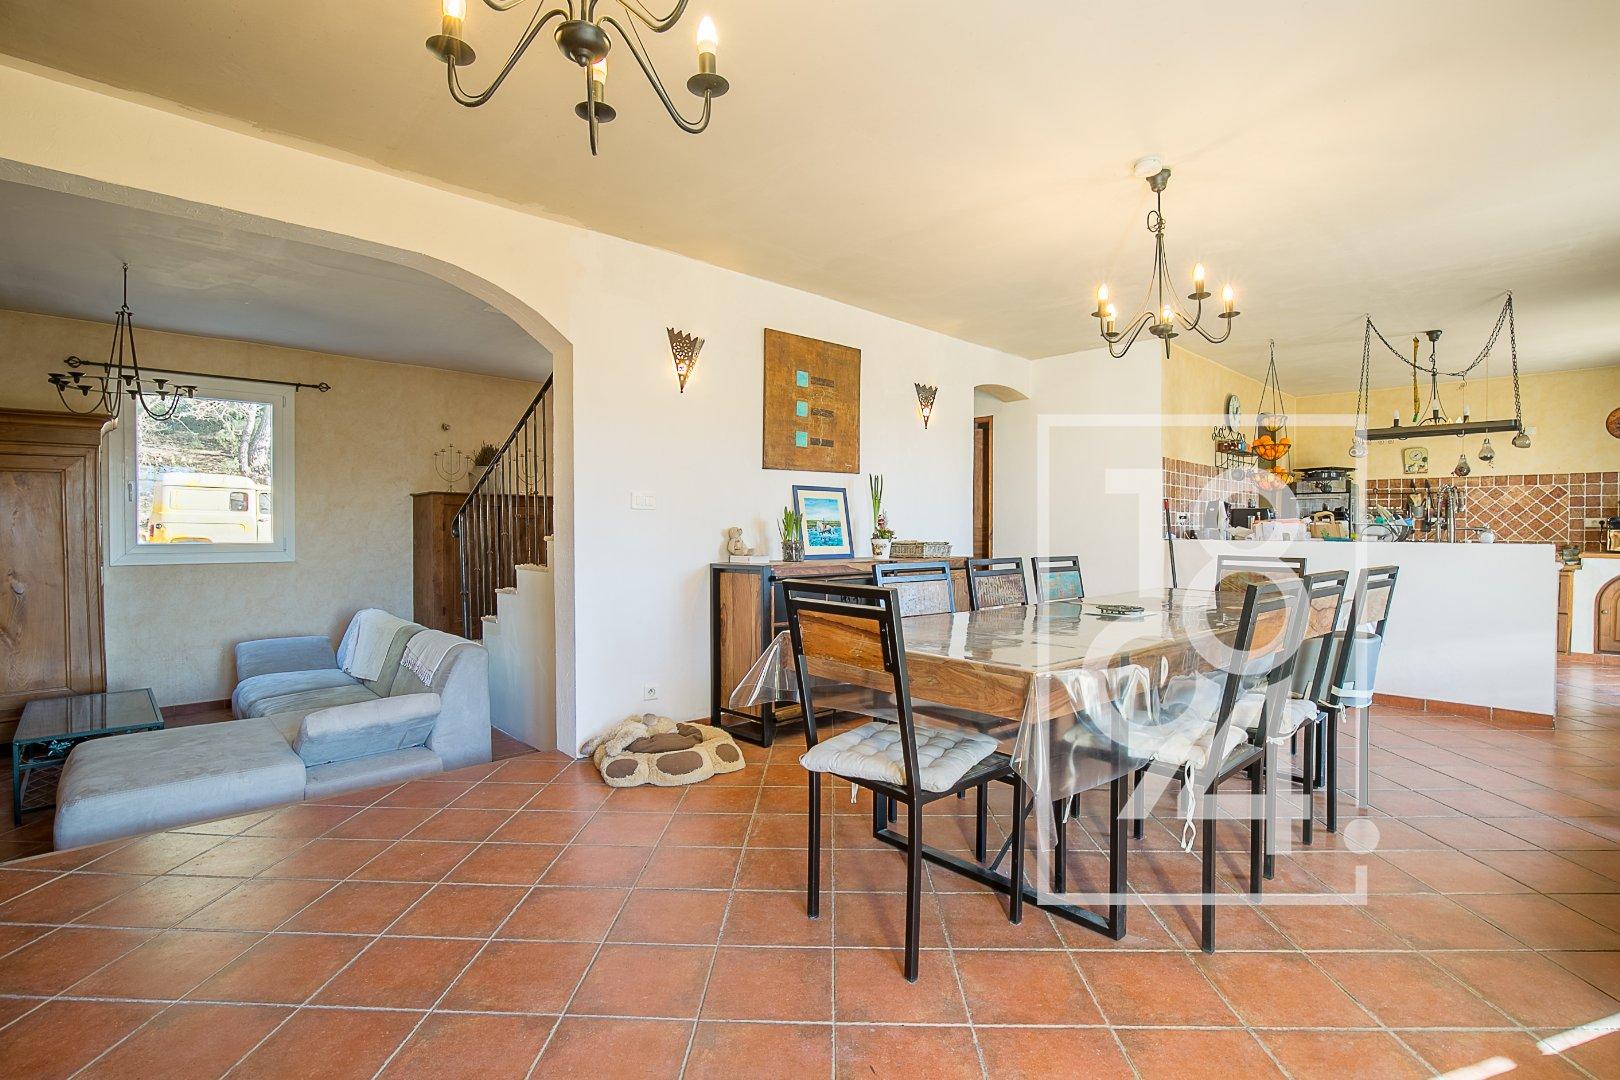 Maison 160m², 5 chambres, garage sur un terrain de 12 000m² à Peyrolles en Provence